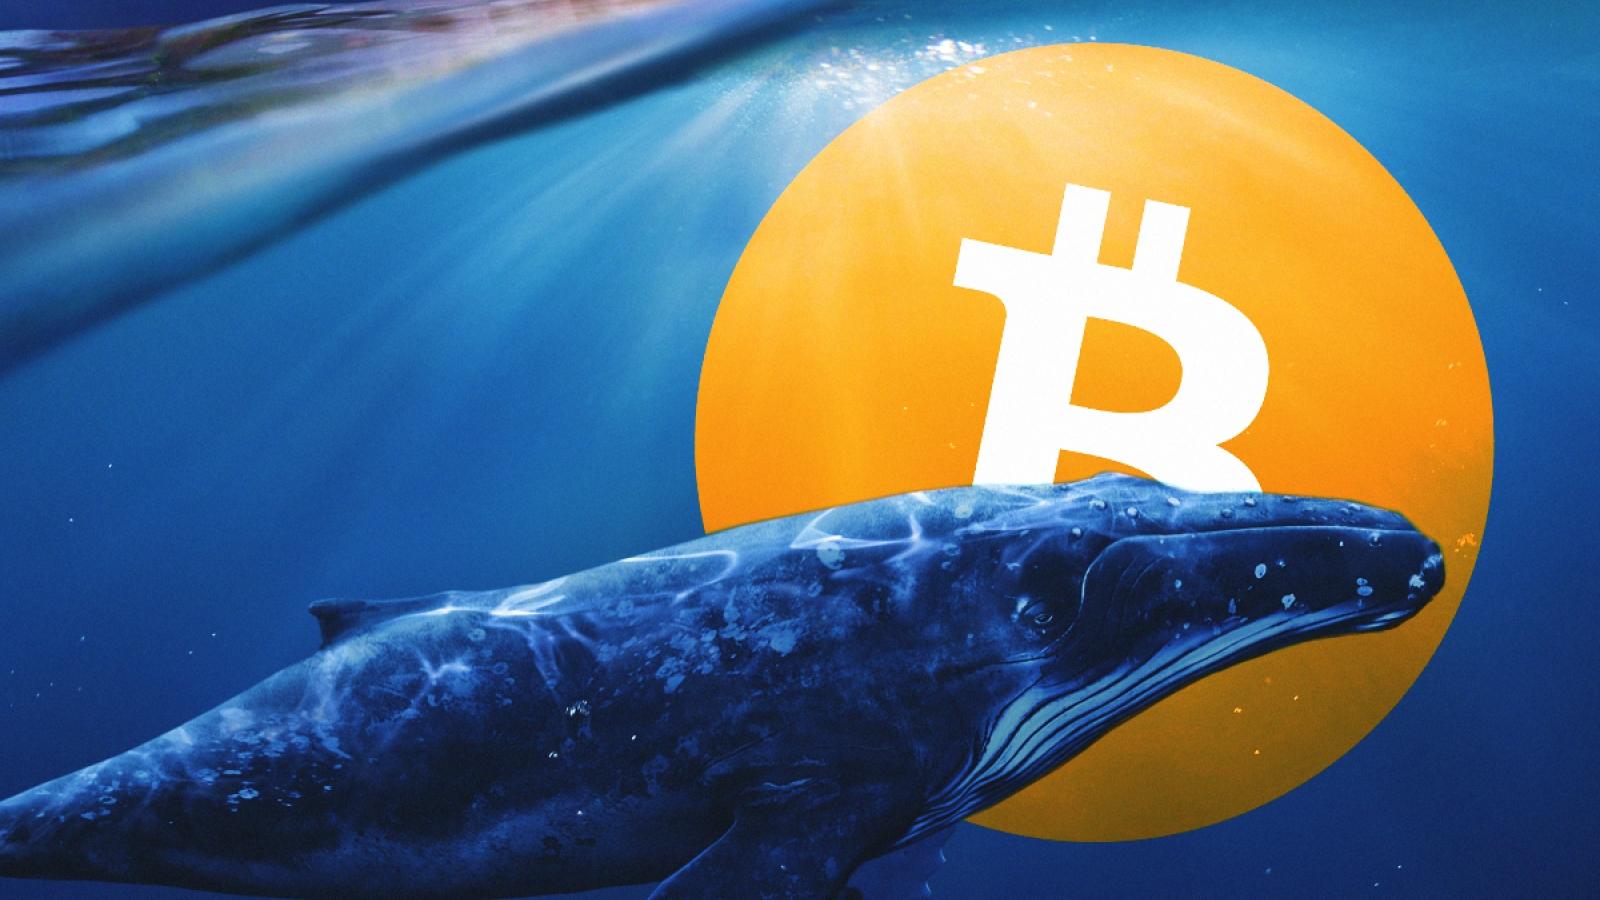 Tutarlı Tahminleriyle Bilinen Gizemli Balinadan Bitcoin BTC Ethereum ETH XRP ve Tezos XTZ Fiyat Tahmini